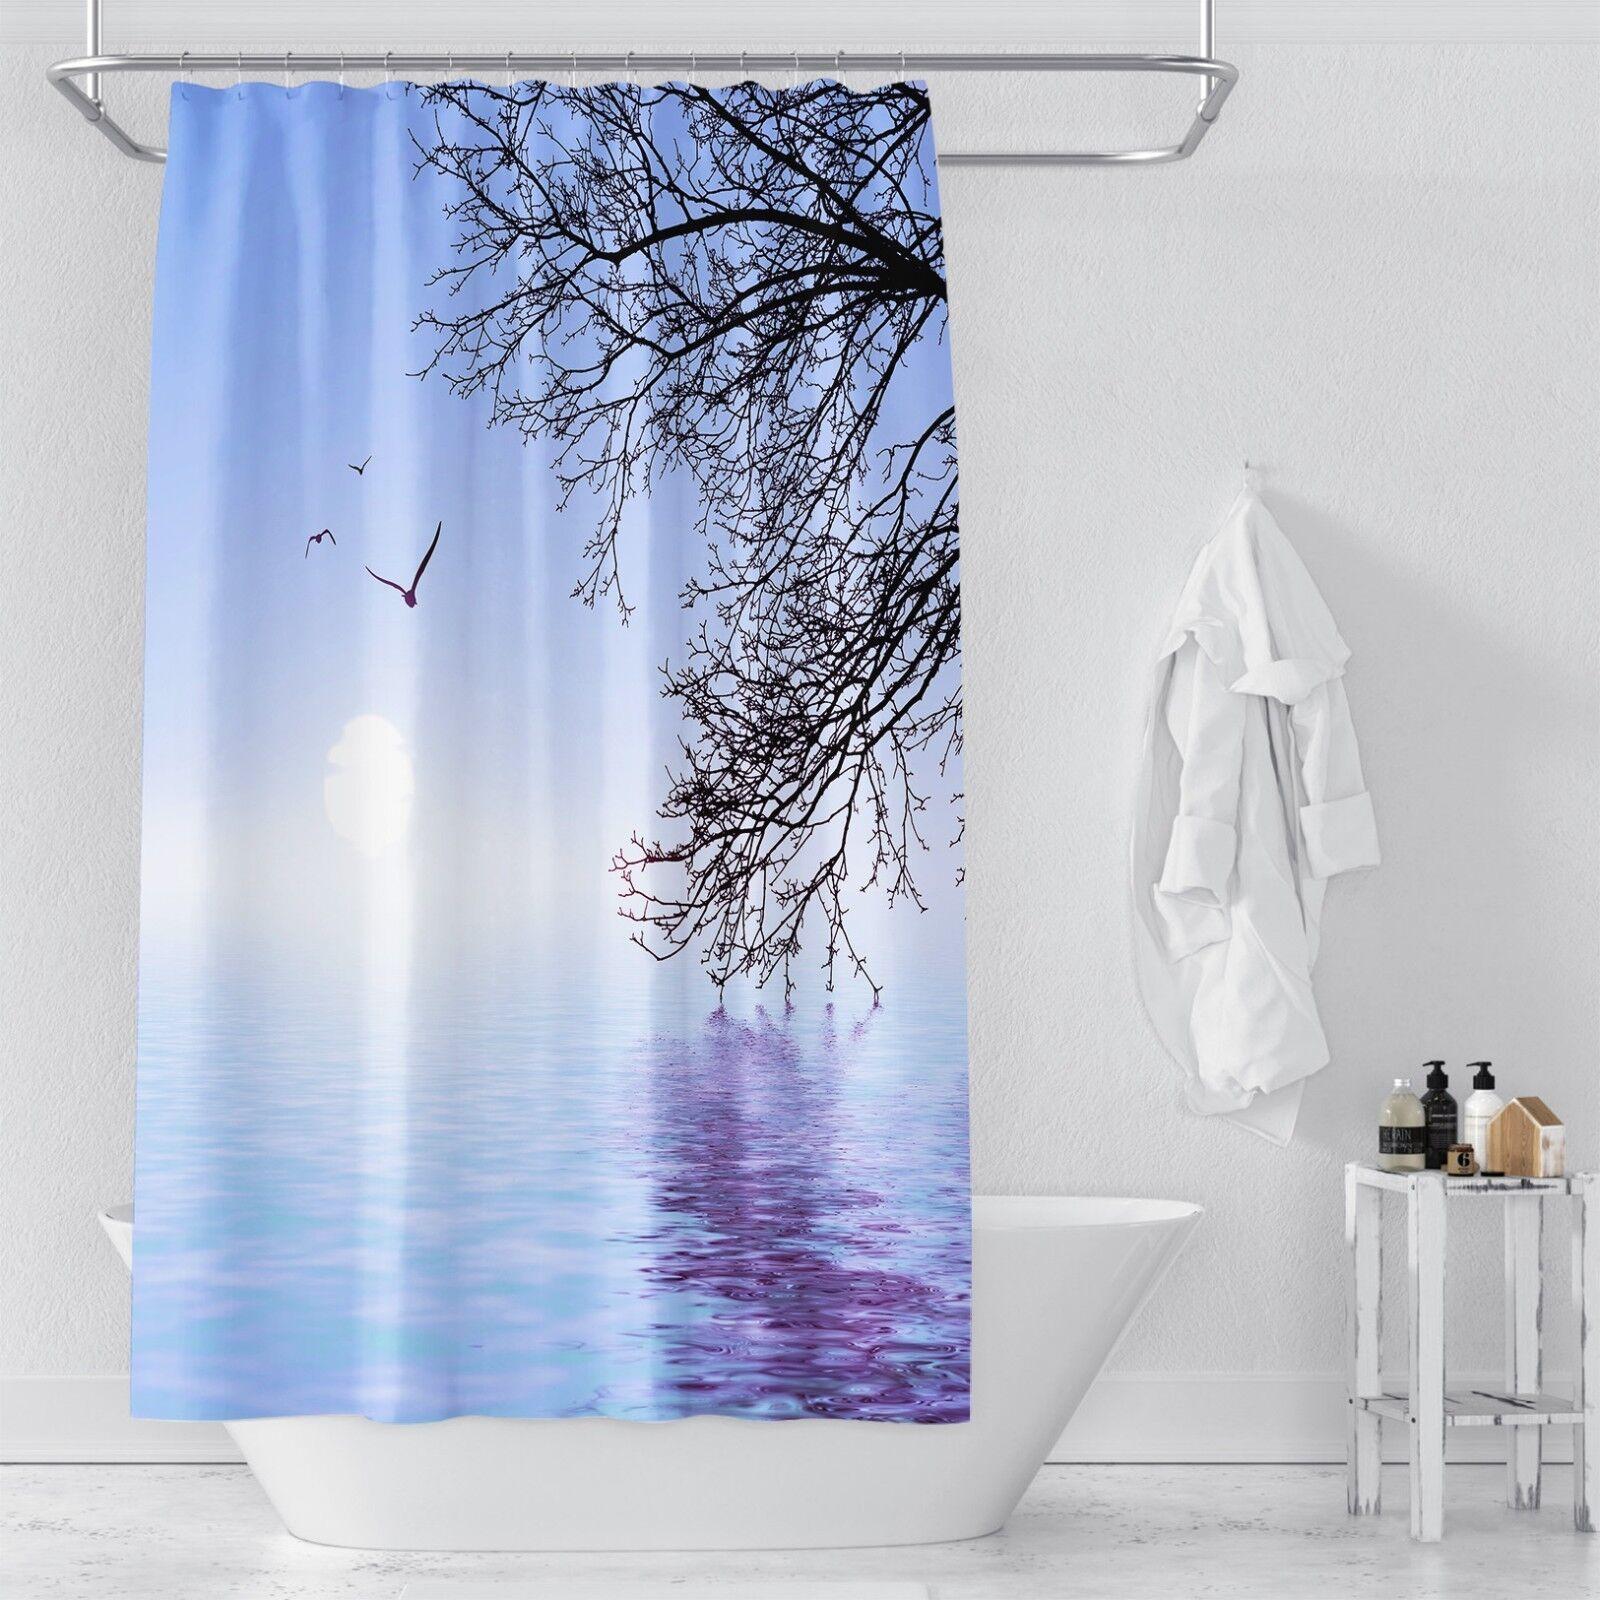 3D Baum See 34 Duschvorhang Wasserdicht Faser Bad Daheim Windows Toilette DE   Grüne, neue Technologie    eine breite Palette von Produkten